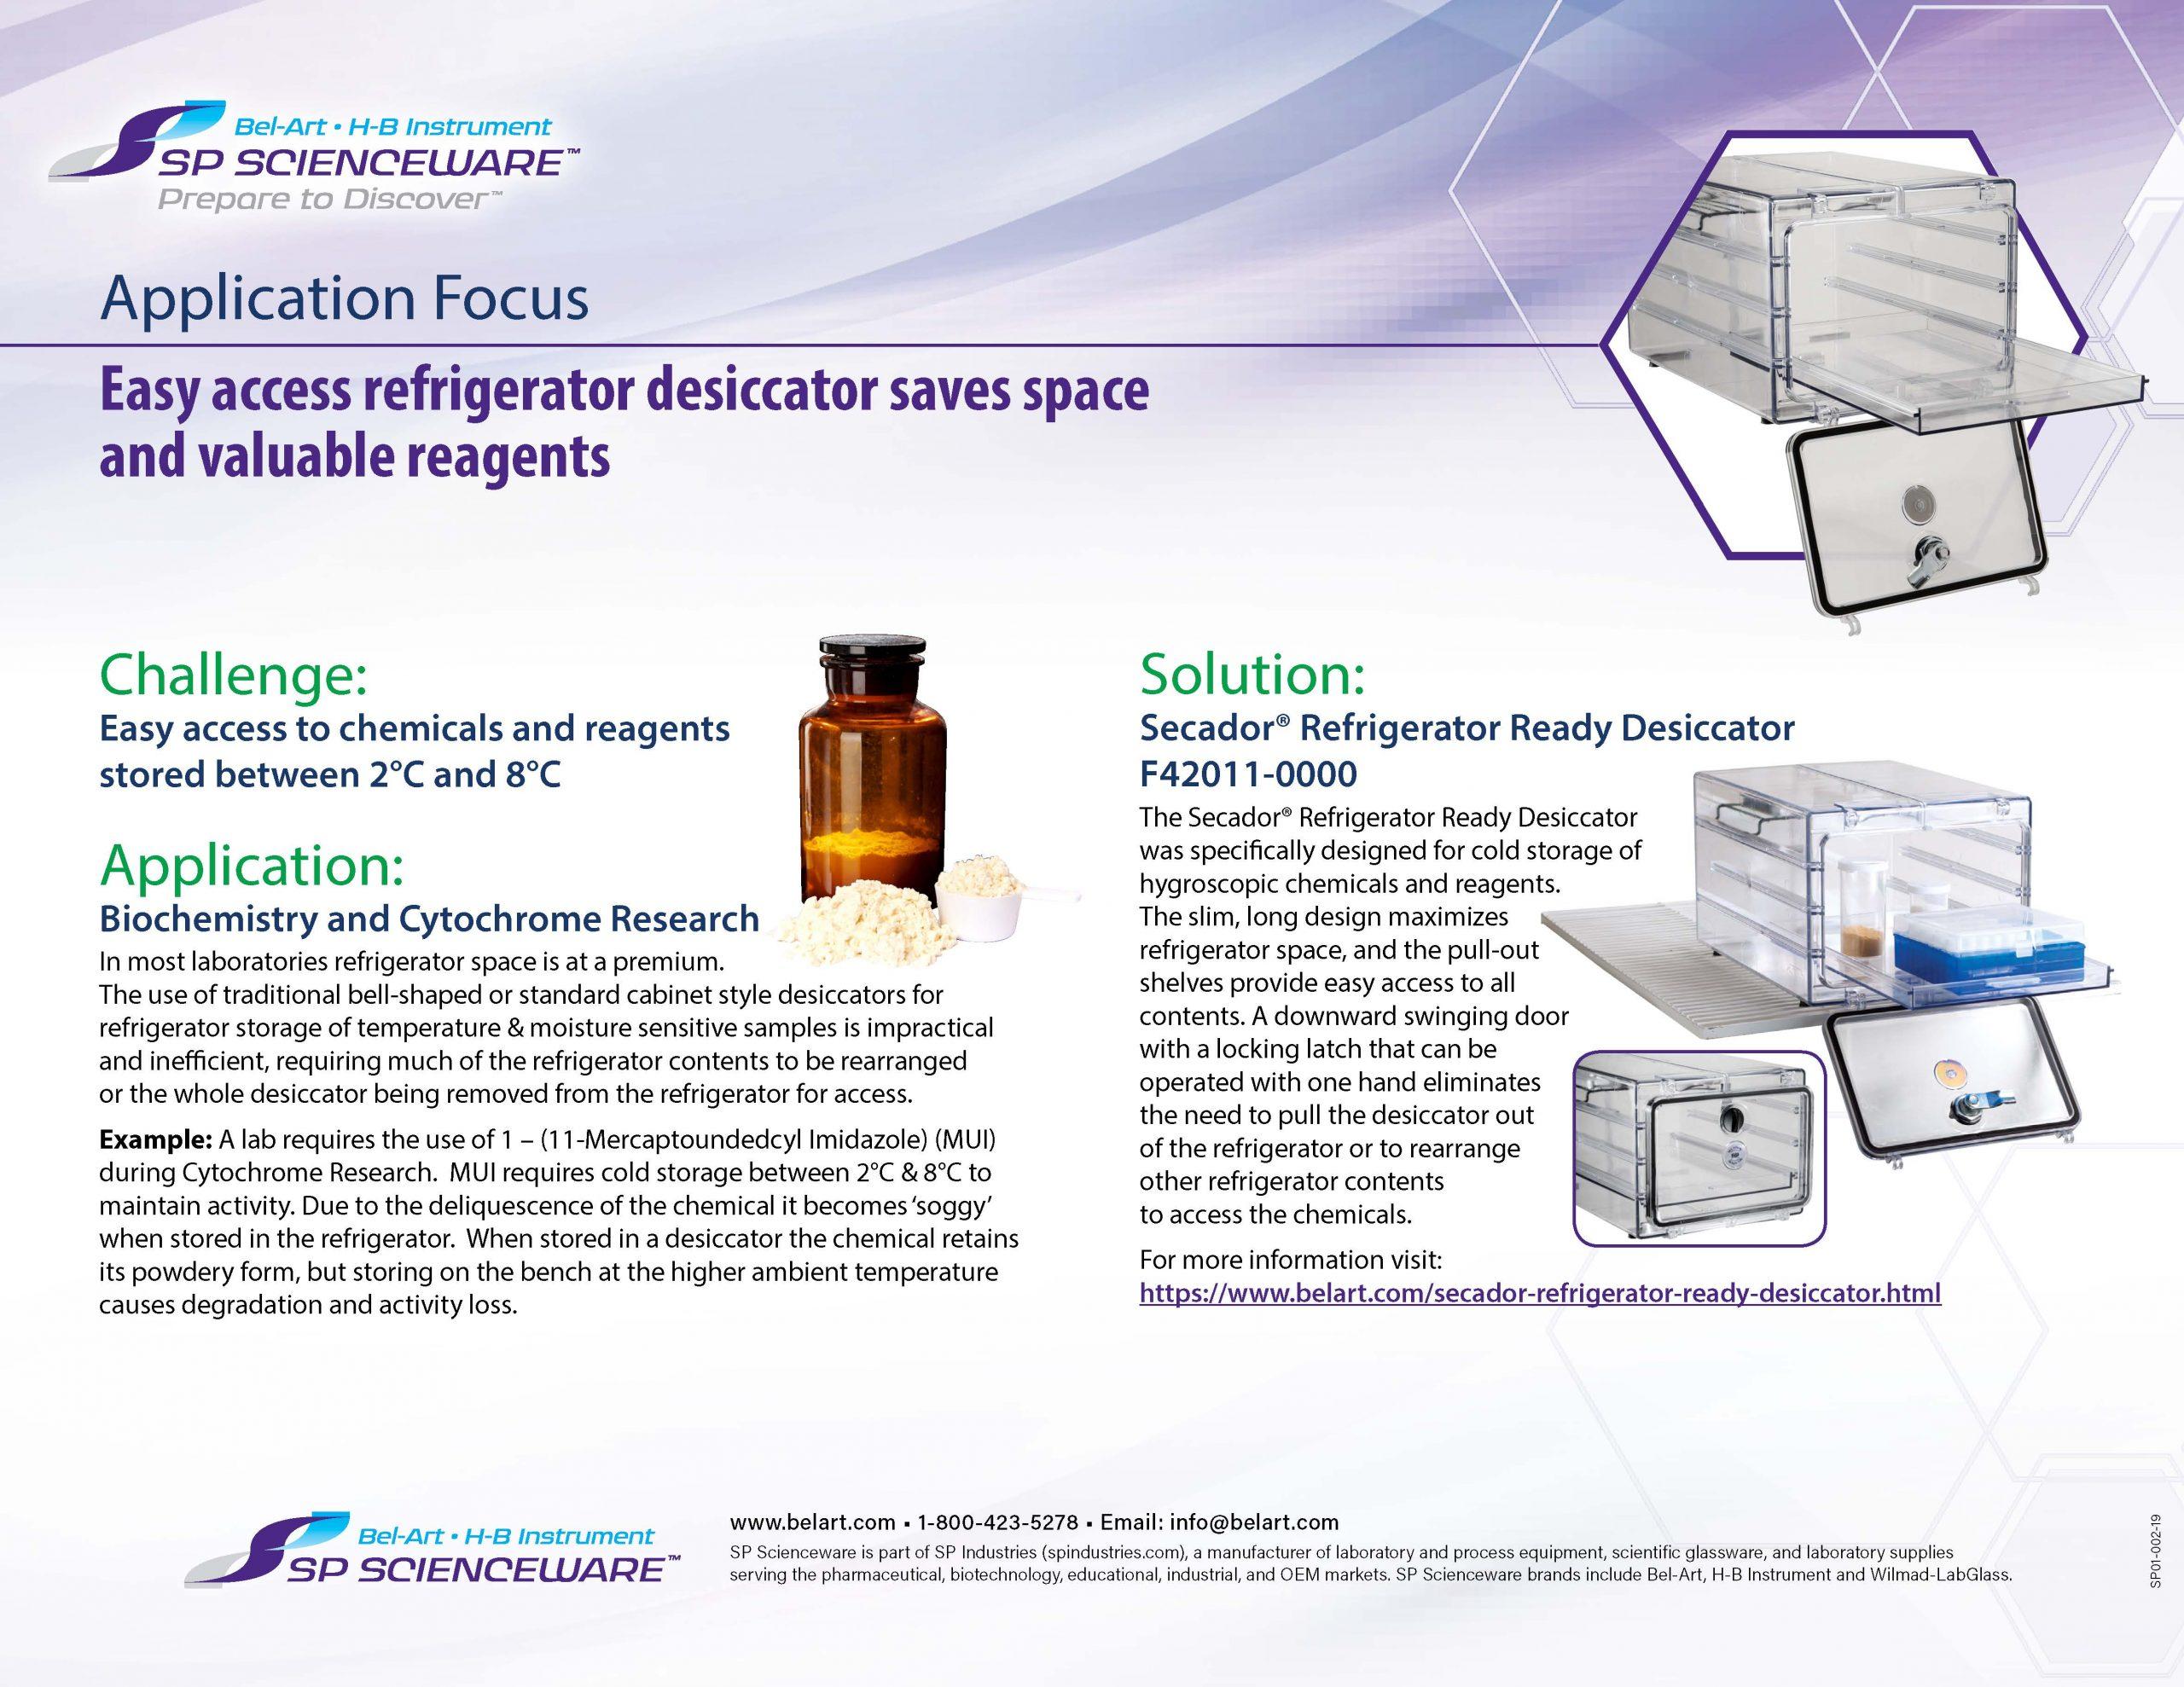 Image: Secador™ Refrigerator Ready Desiccator